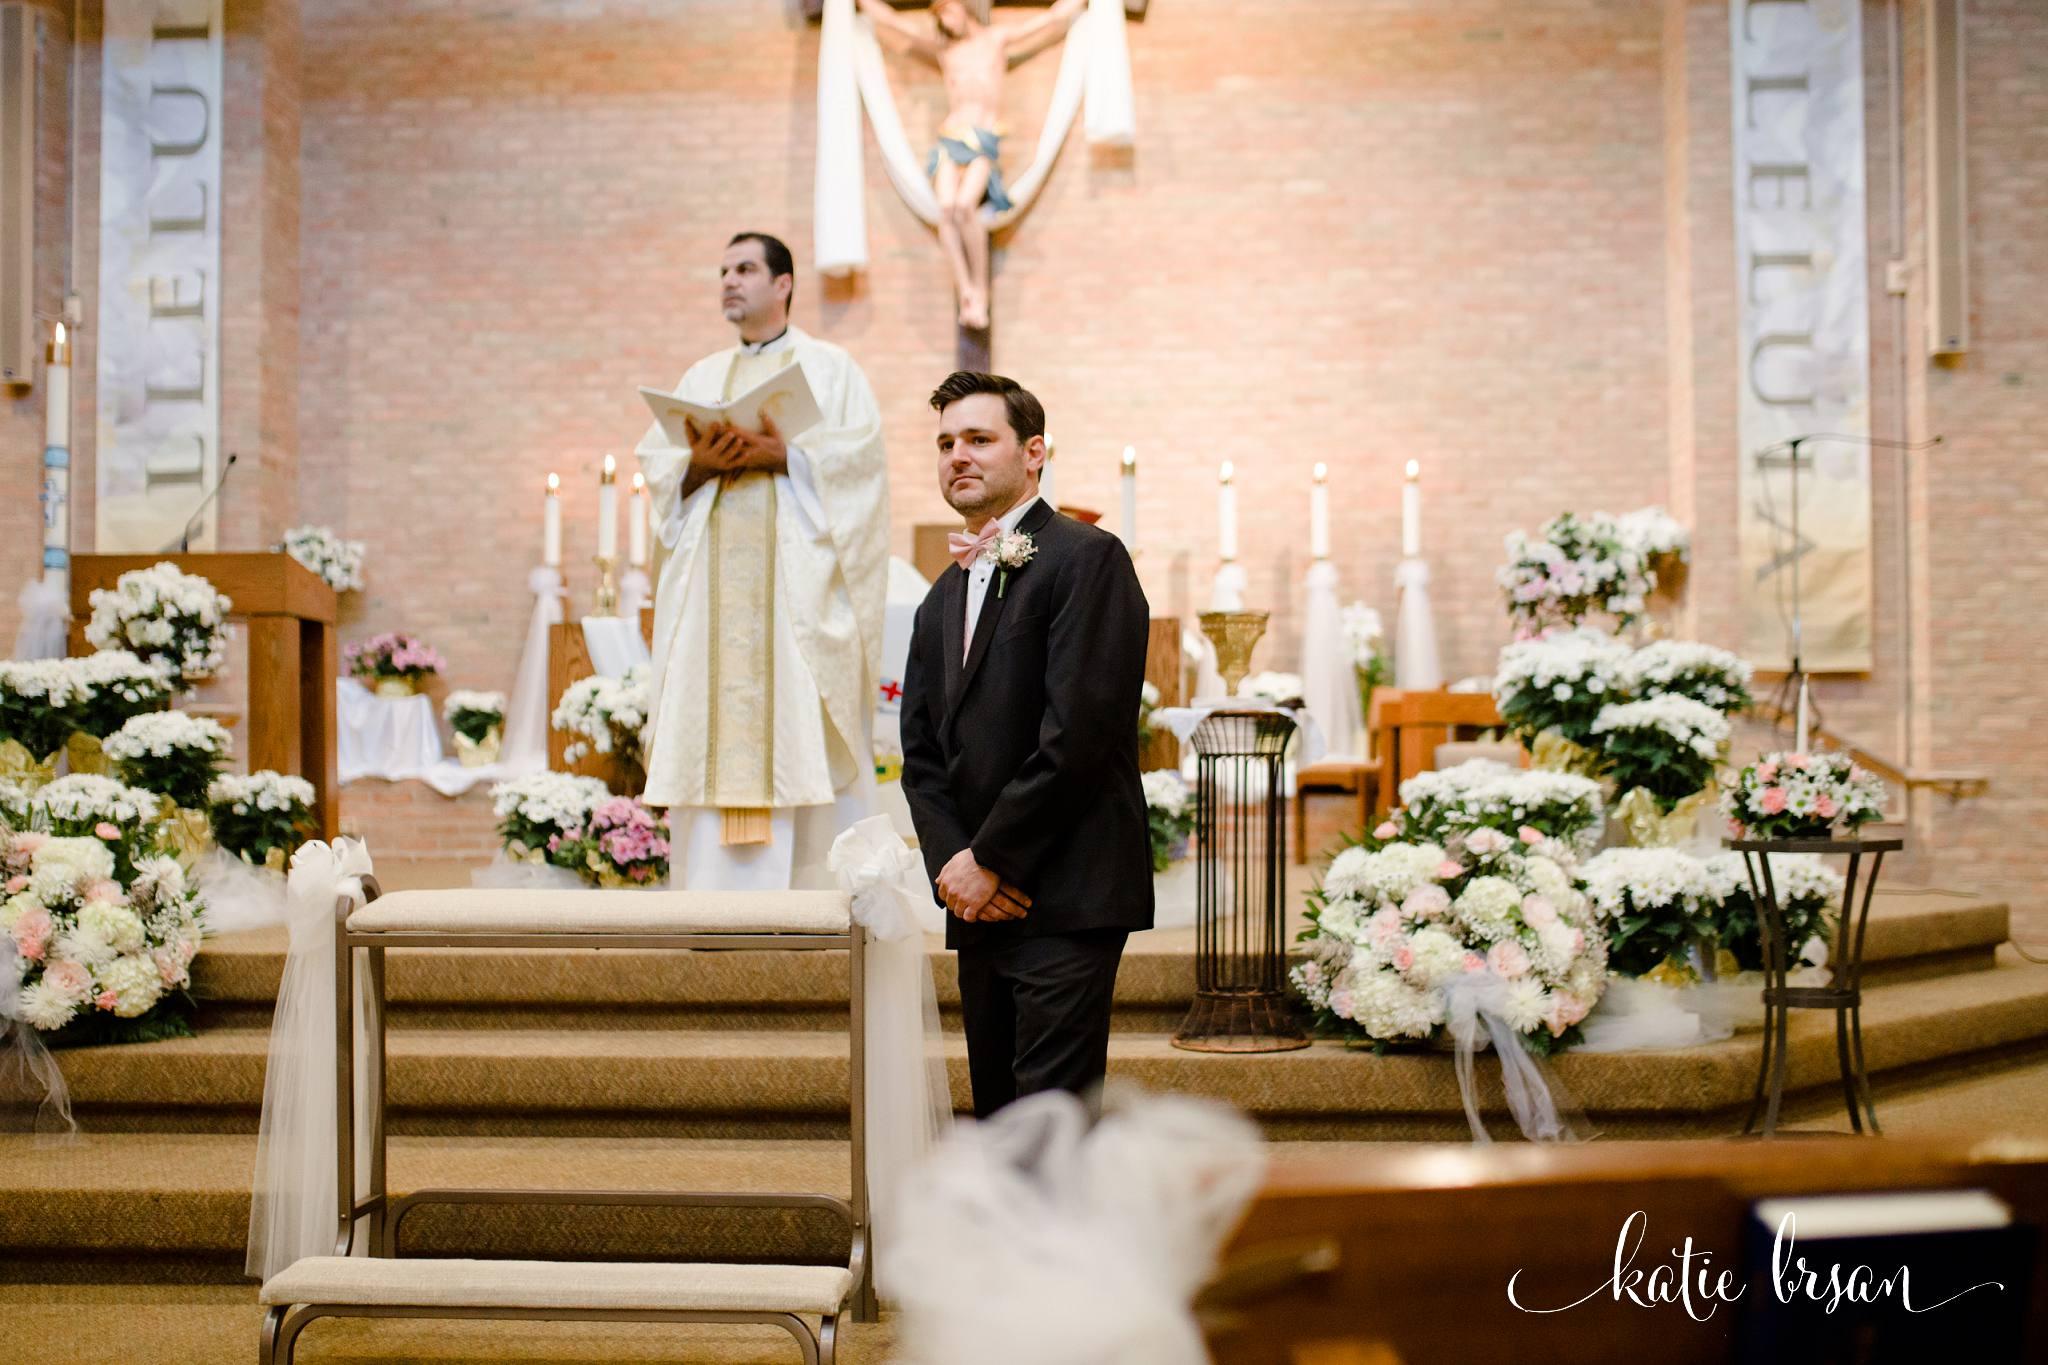 Mokena_Lemont_Wedding_Ruffled_Feathers_Wedding_1344.jpg